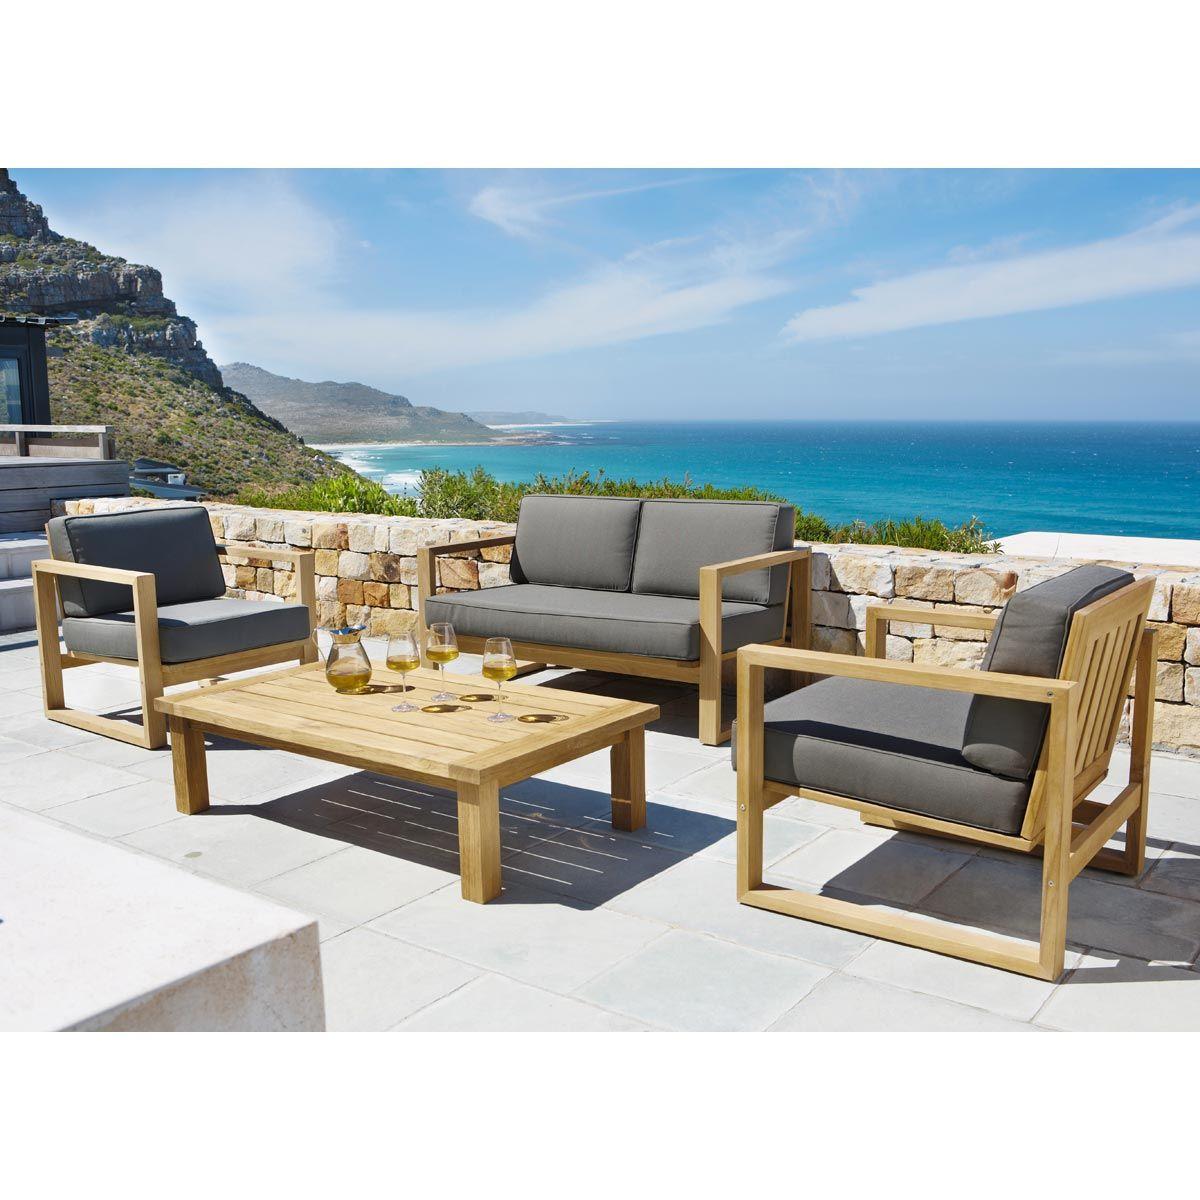 Mobilier de jardin | Muebles de exterior / outdoor furniture ...